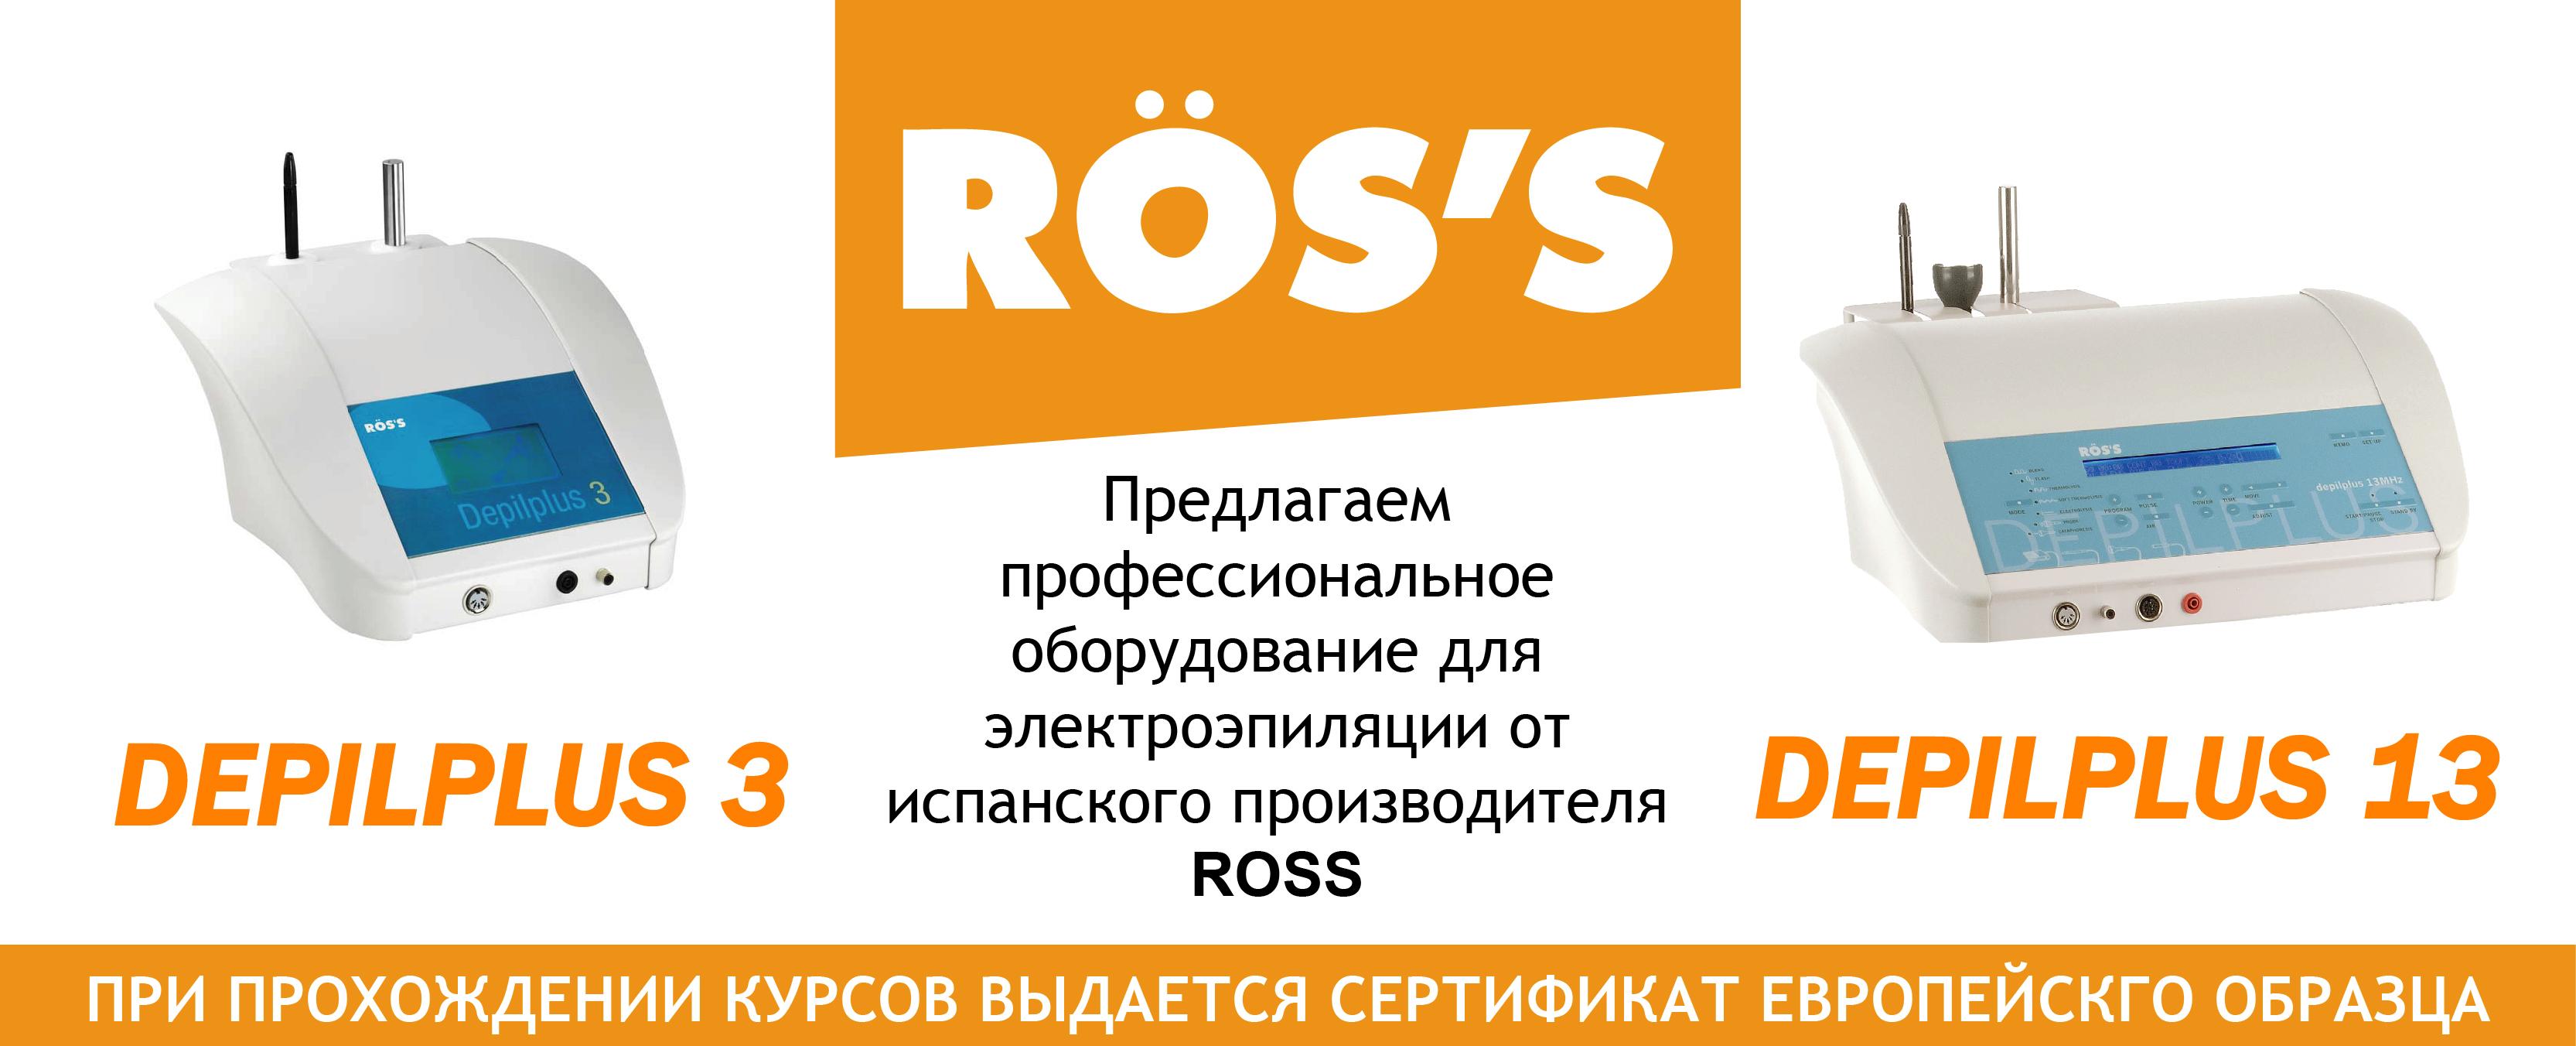 ross-01